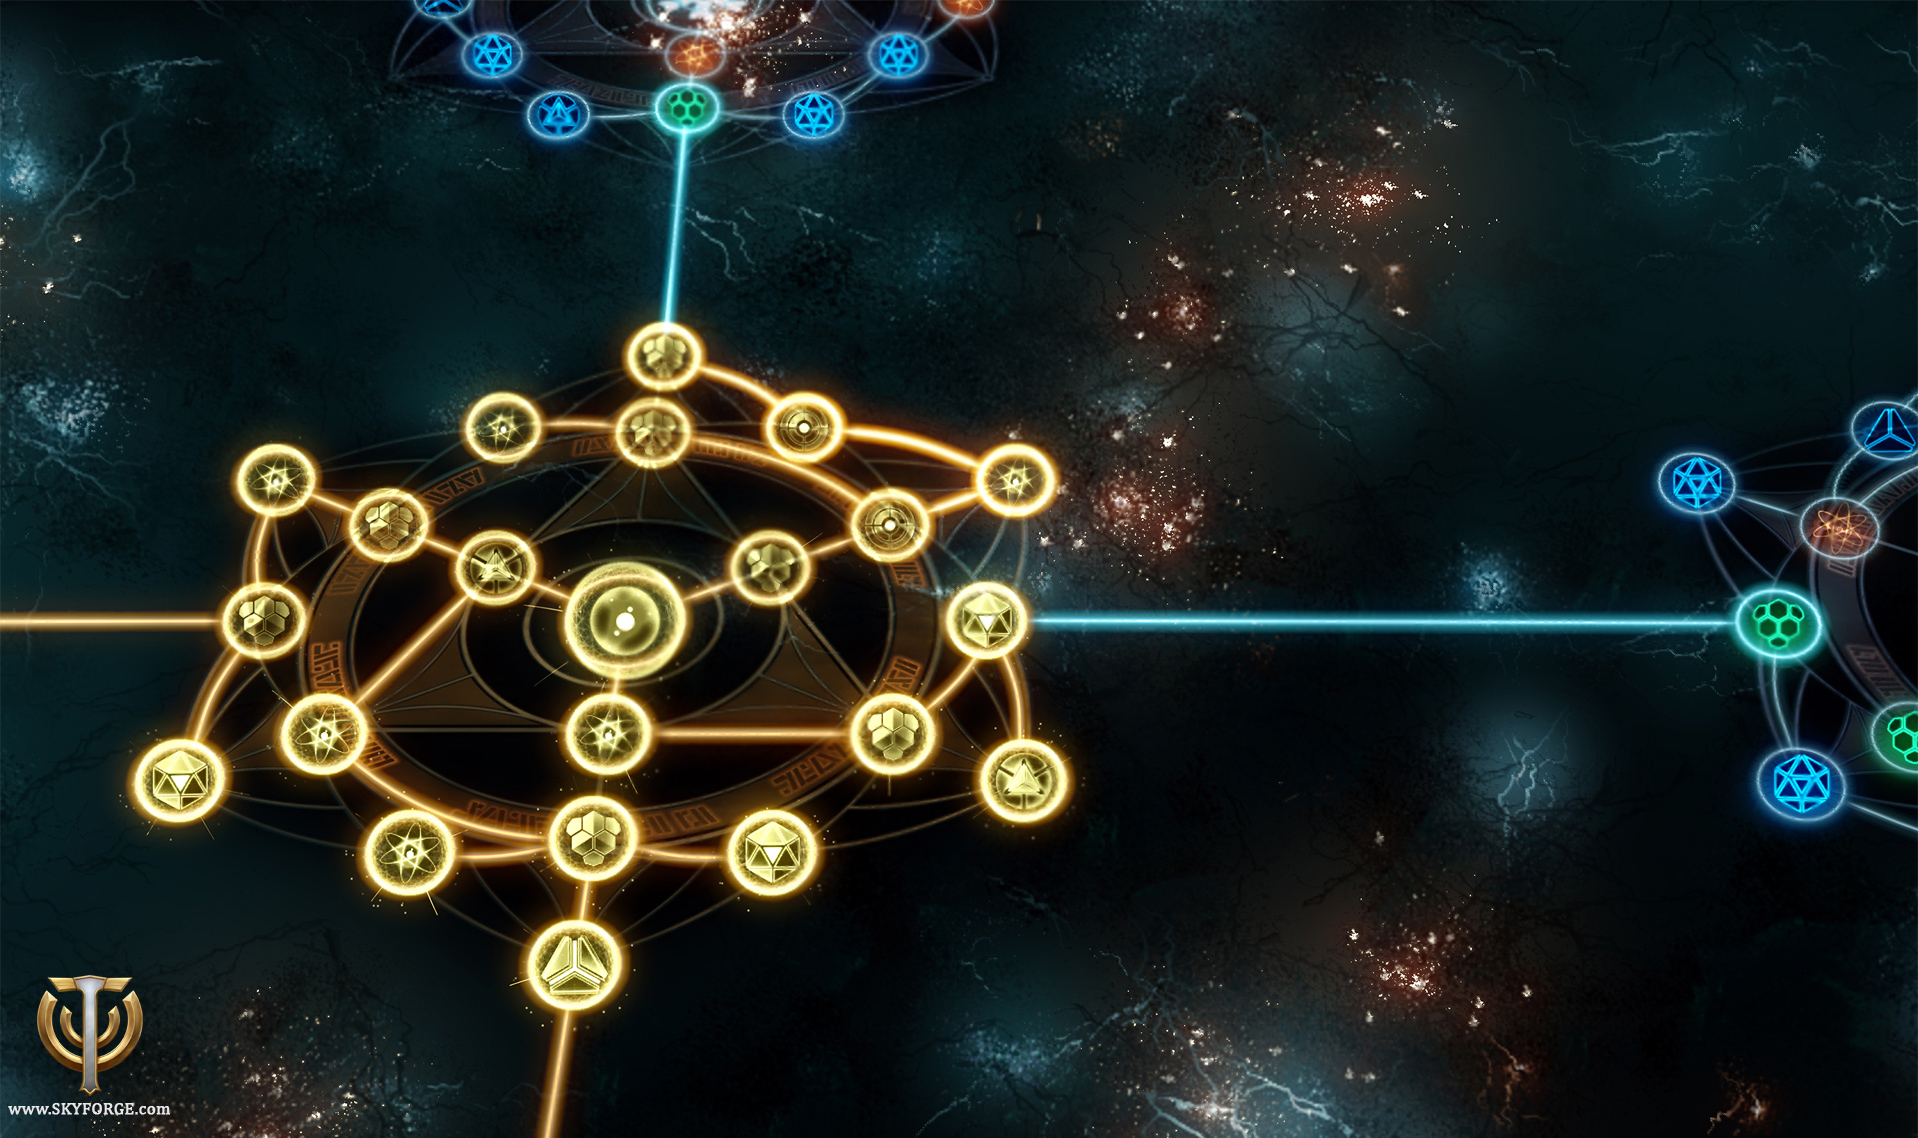 Tìm hiểu hệ thống phát triển nhân vật trong Skyforge 4